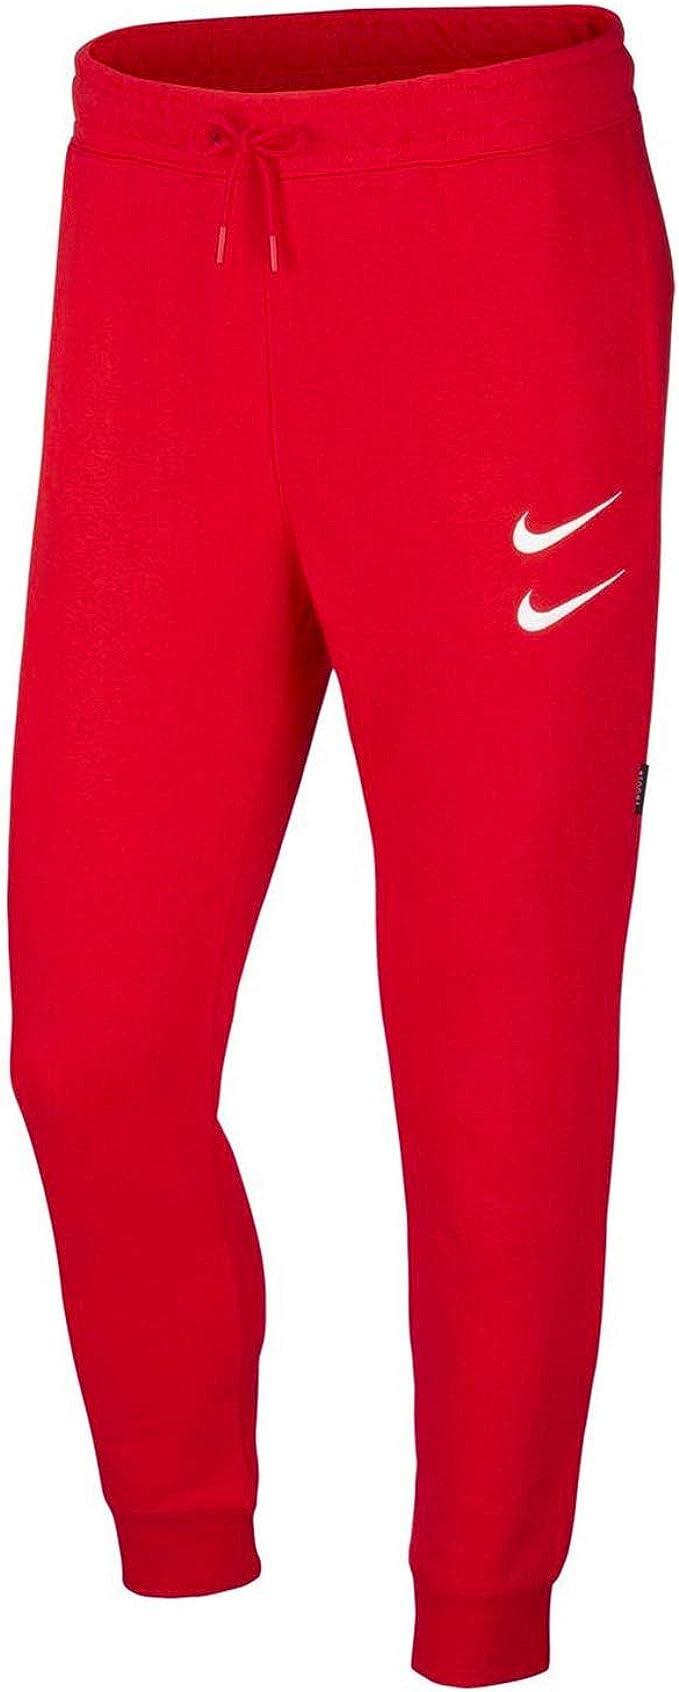 Amazon.com: Nike Double Swoosh Joggers Mens Pants CJ4869-657 ...